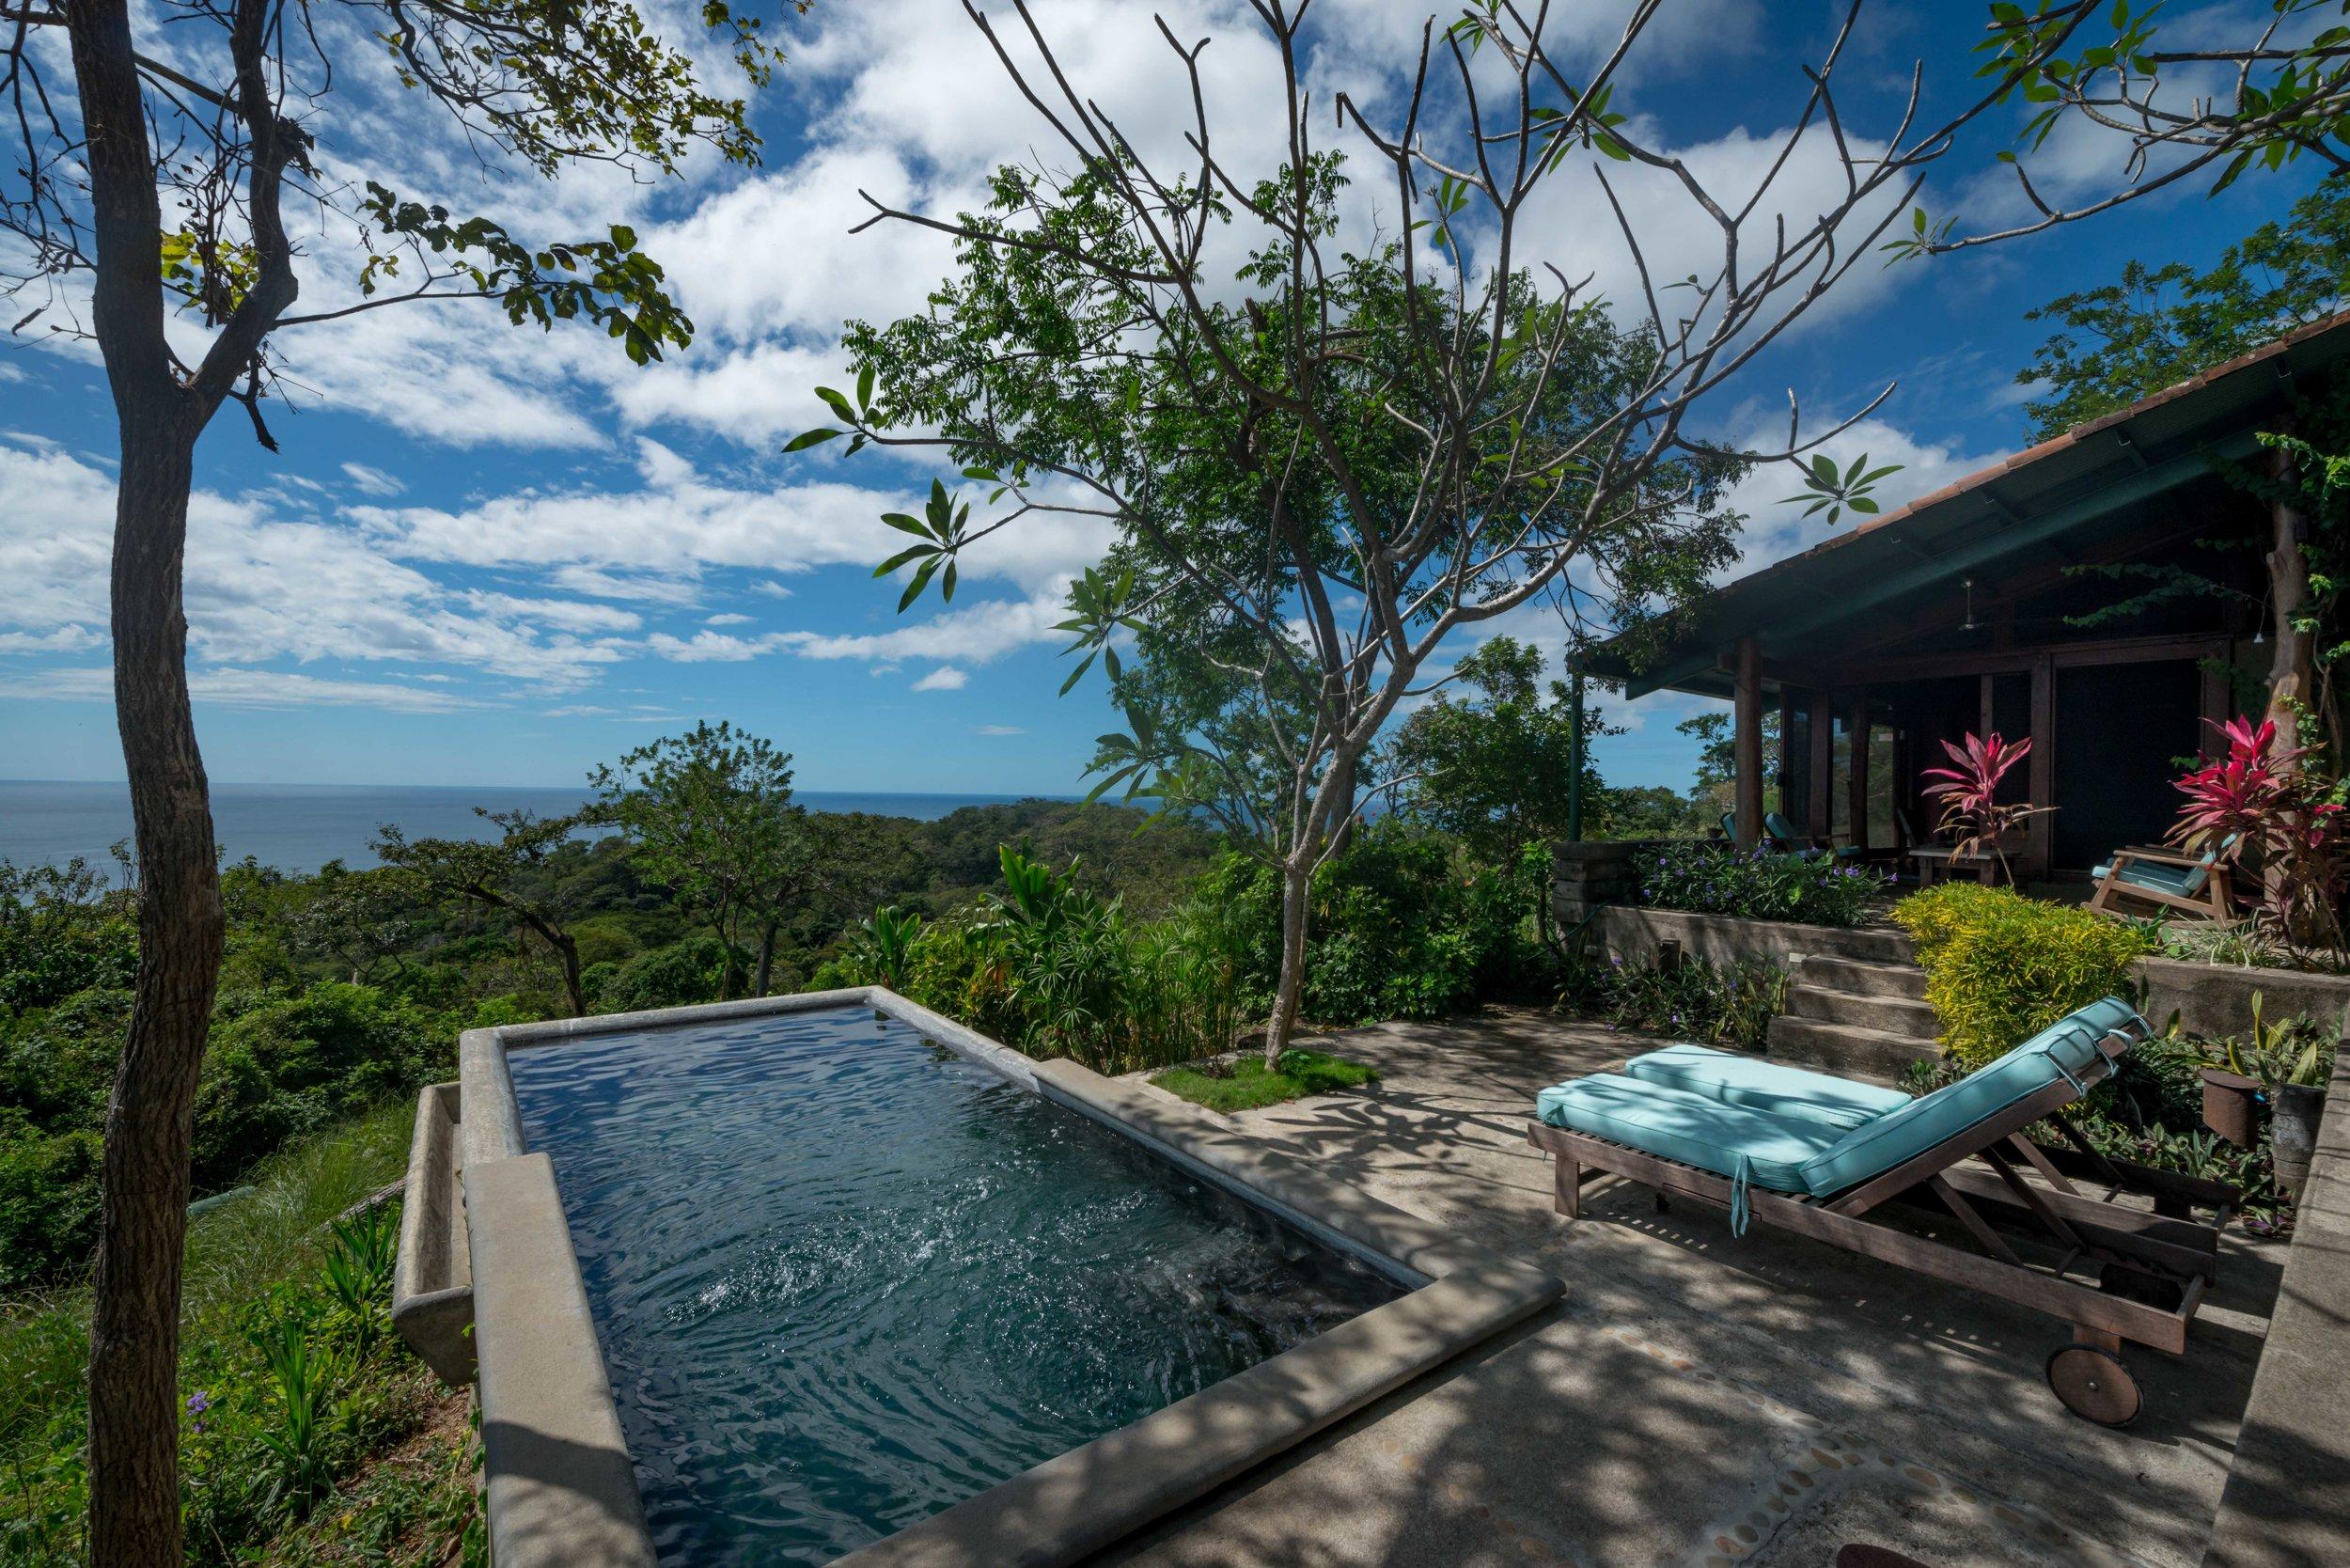 Casa Tranquila 2017-48.jpg